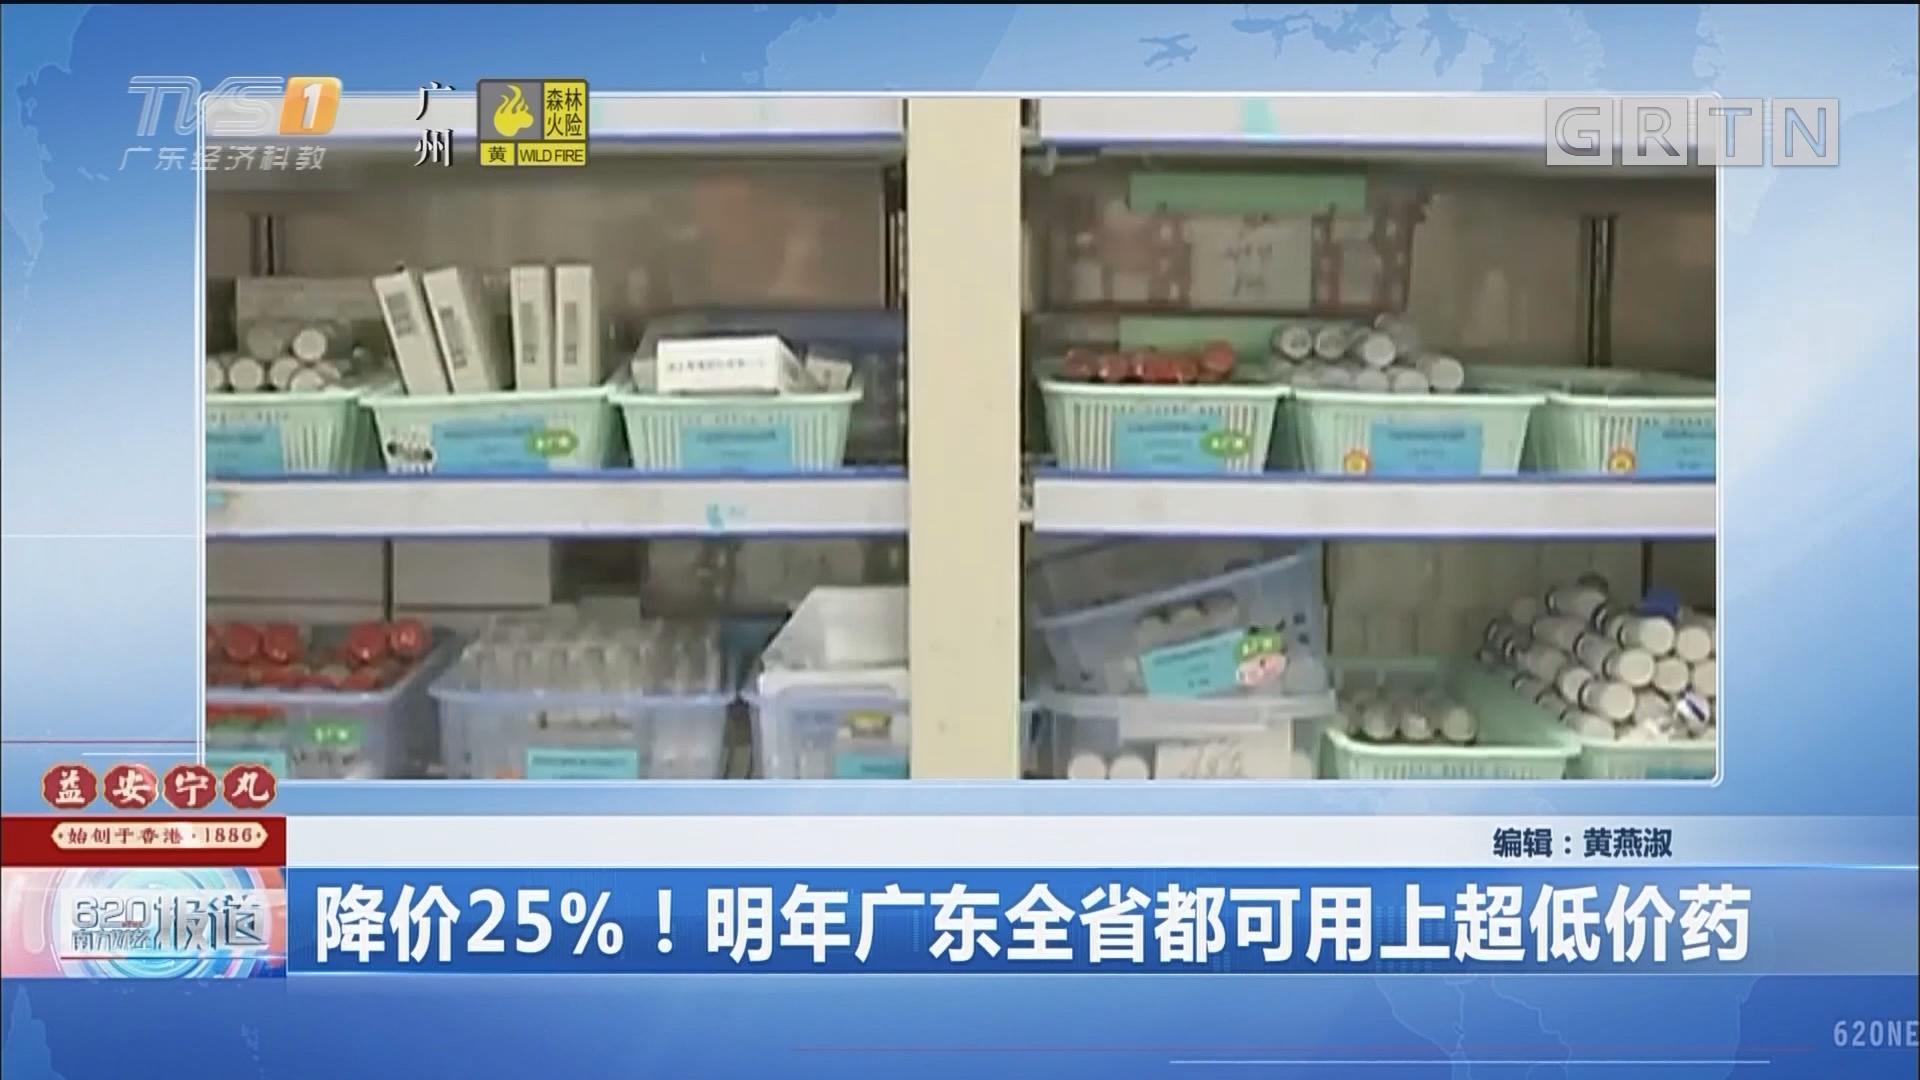 降价25%!明年广东全省都可用上超低价药